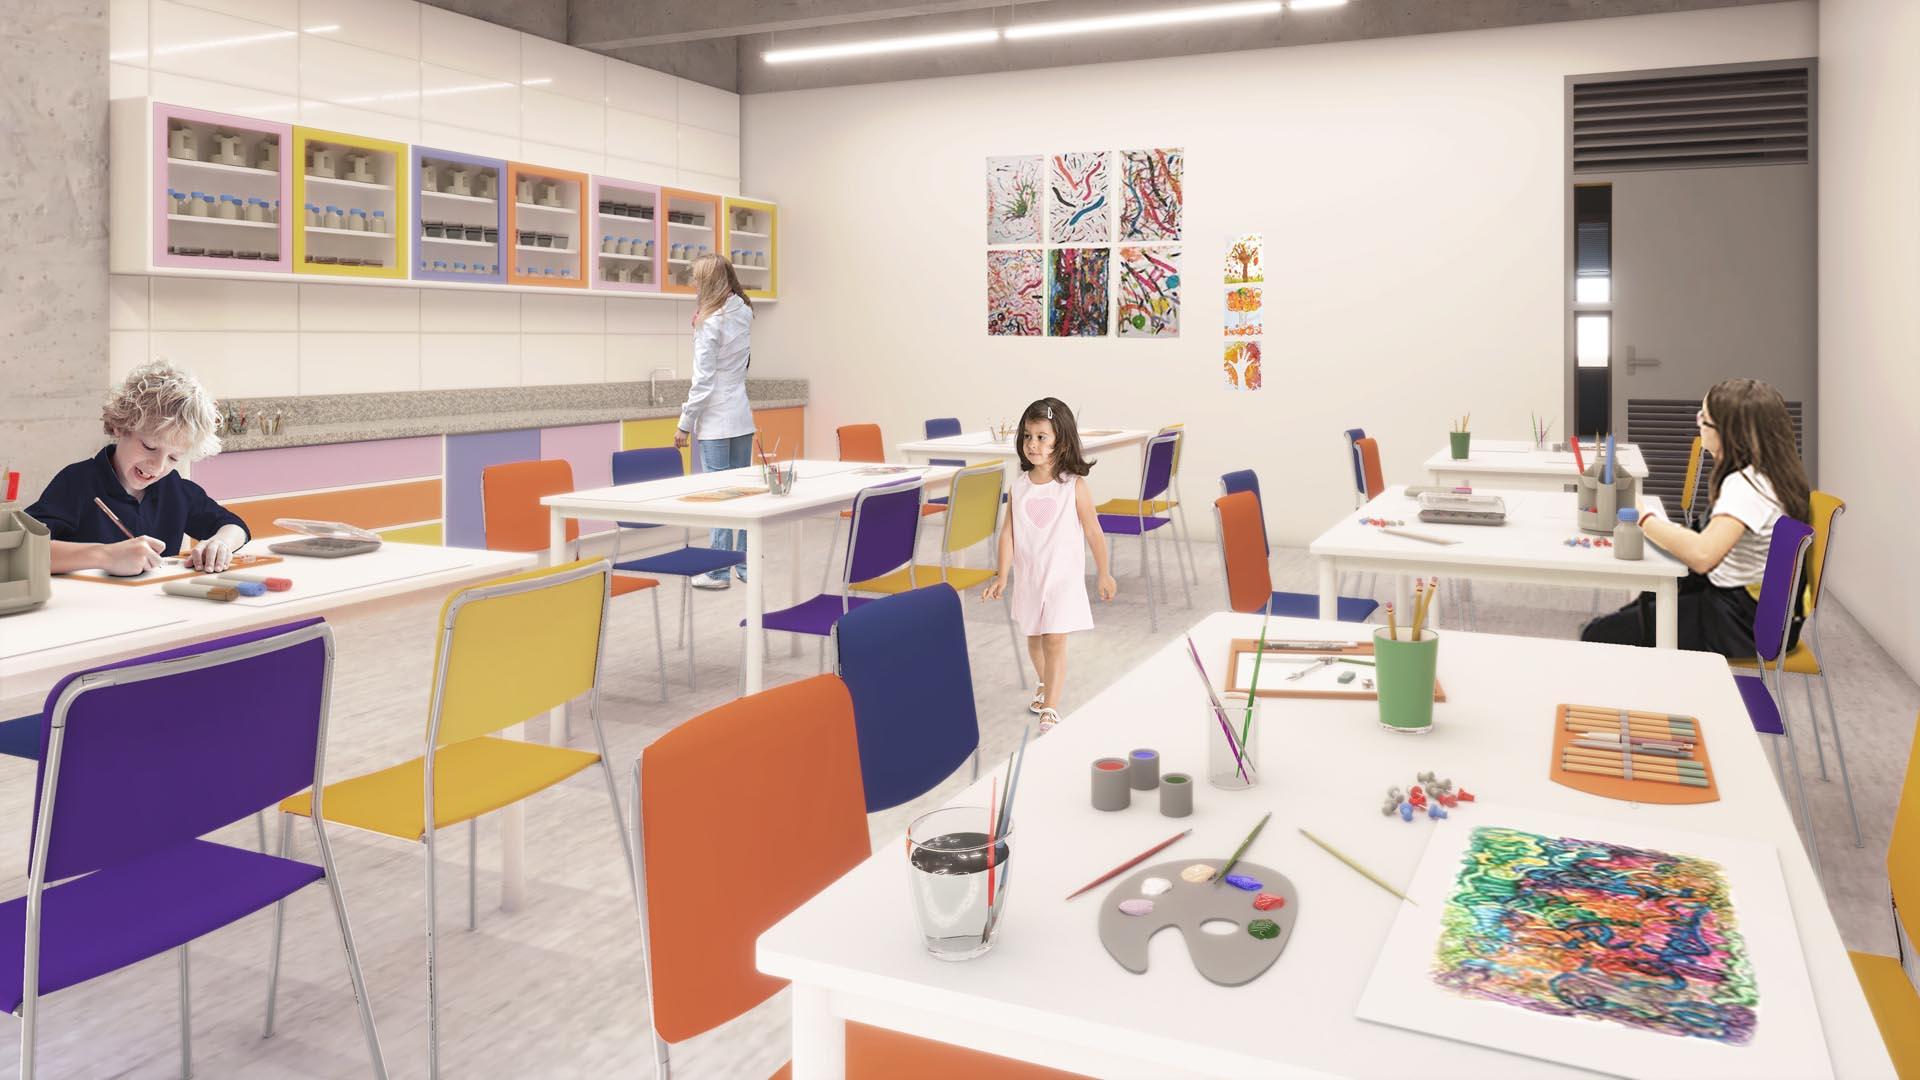 Sala de Artes - Nova unidade do Colégio Etapa